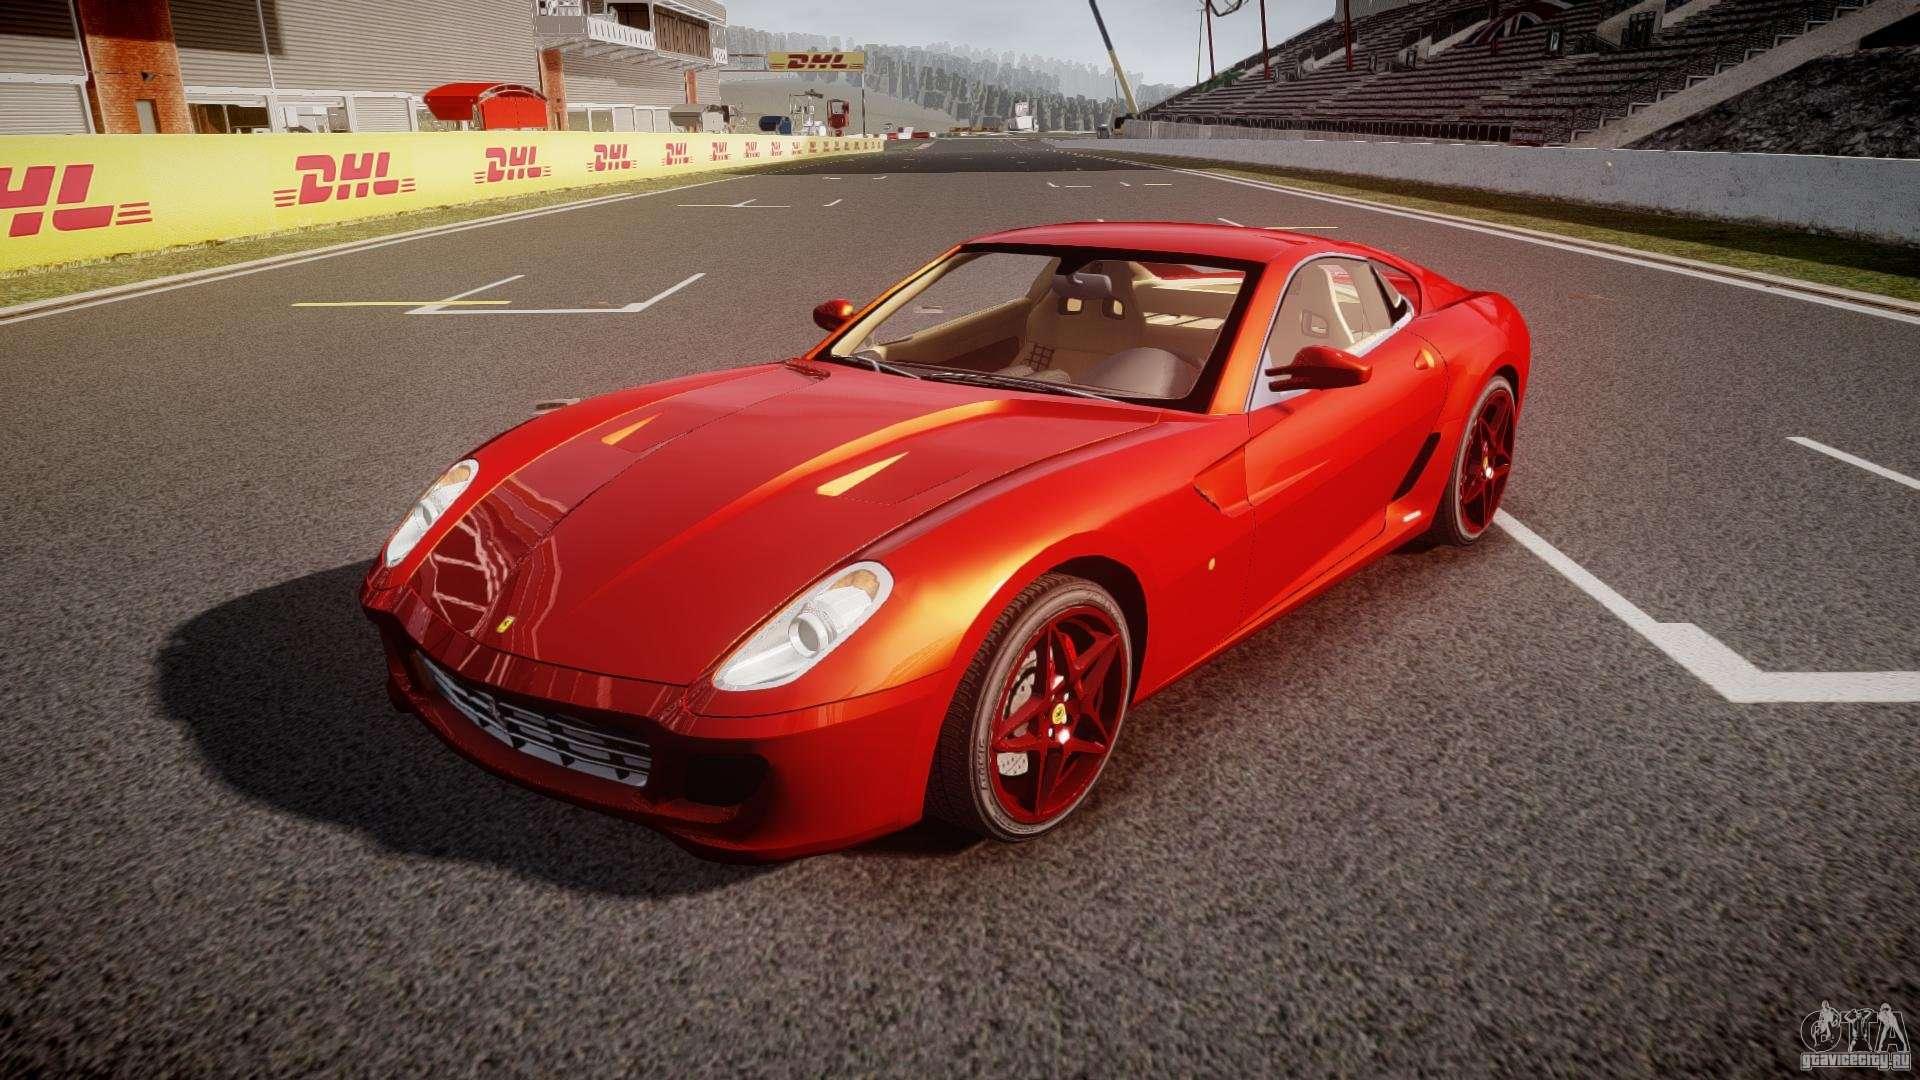 2006 ferrari 599 gtb - photo #19